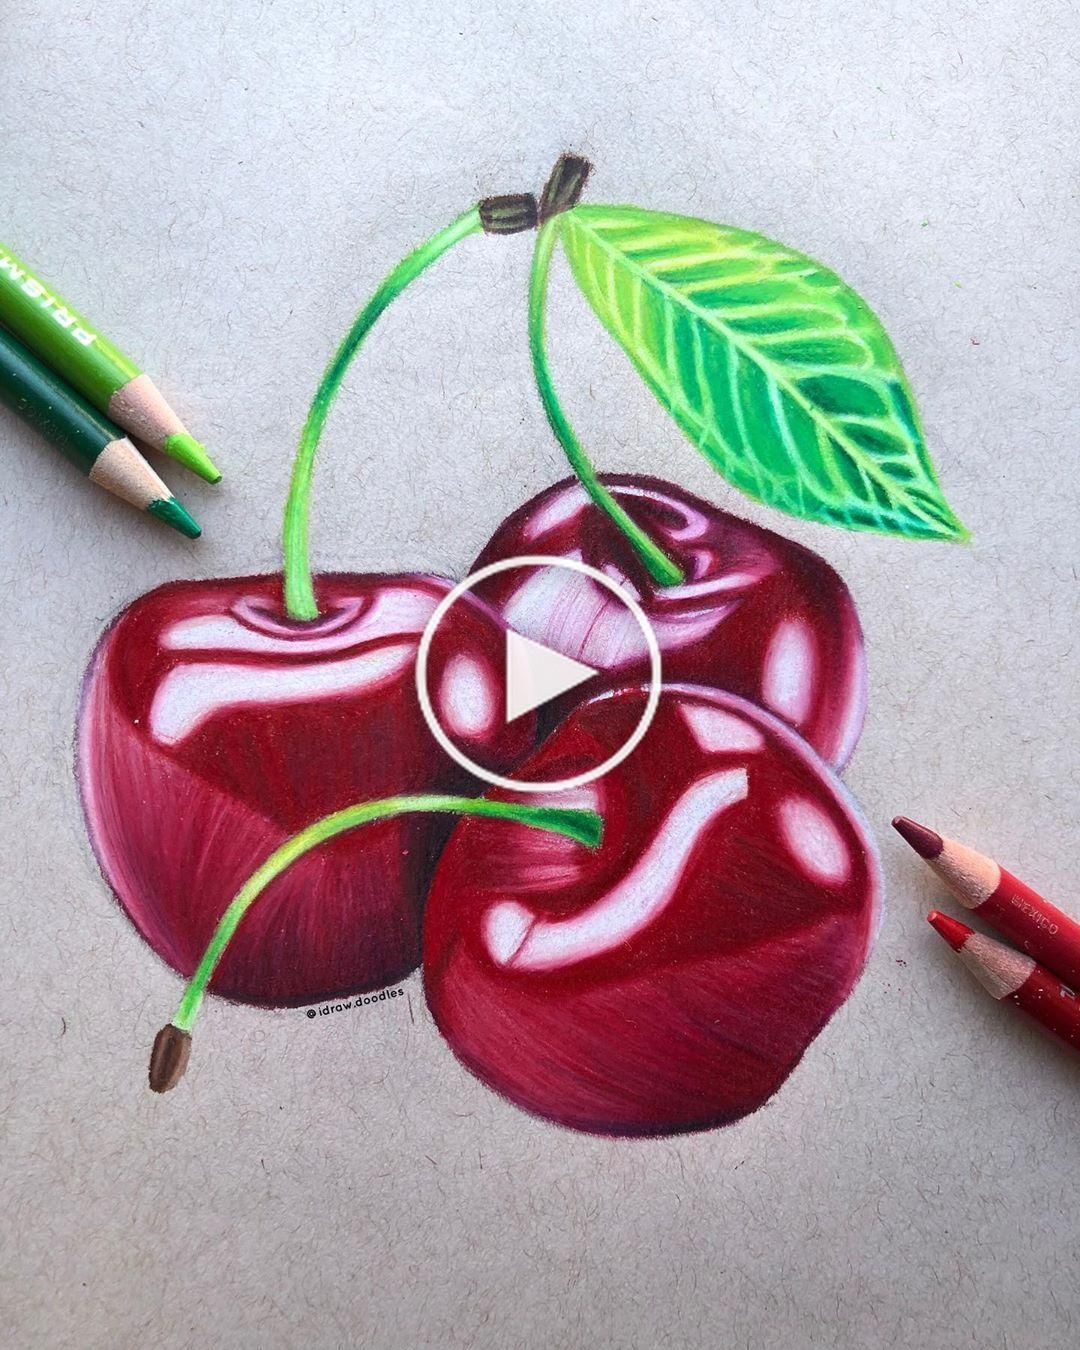 Leeor On Instagram Cherriesssss Hiiiiiiii I Haven T Posted In A Bit But I Decid In 2020 Cherry Drawing Art Drawings Simple Color Pencil Art